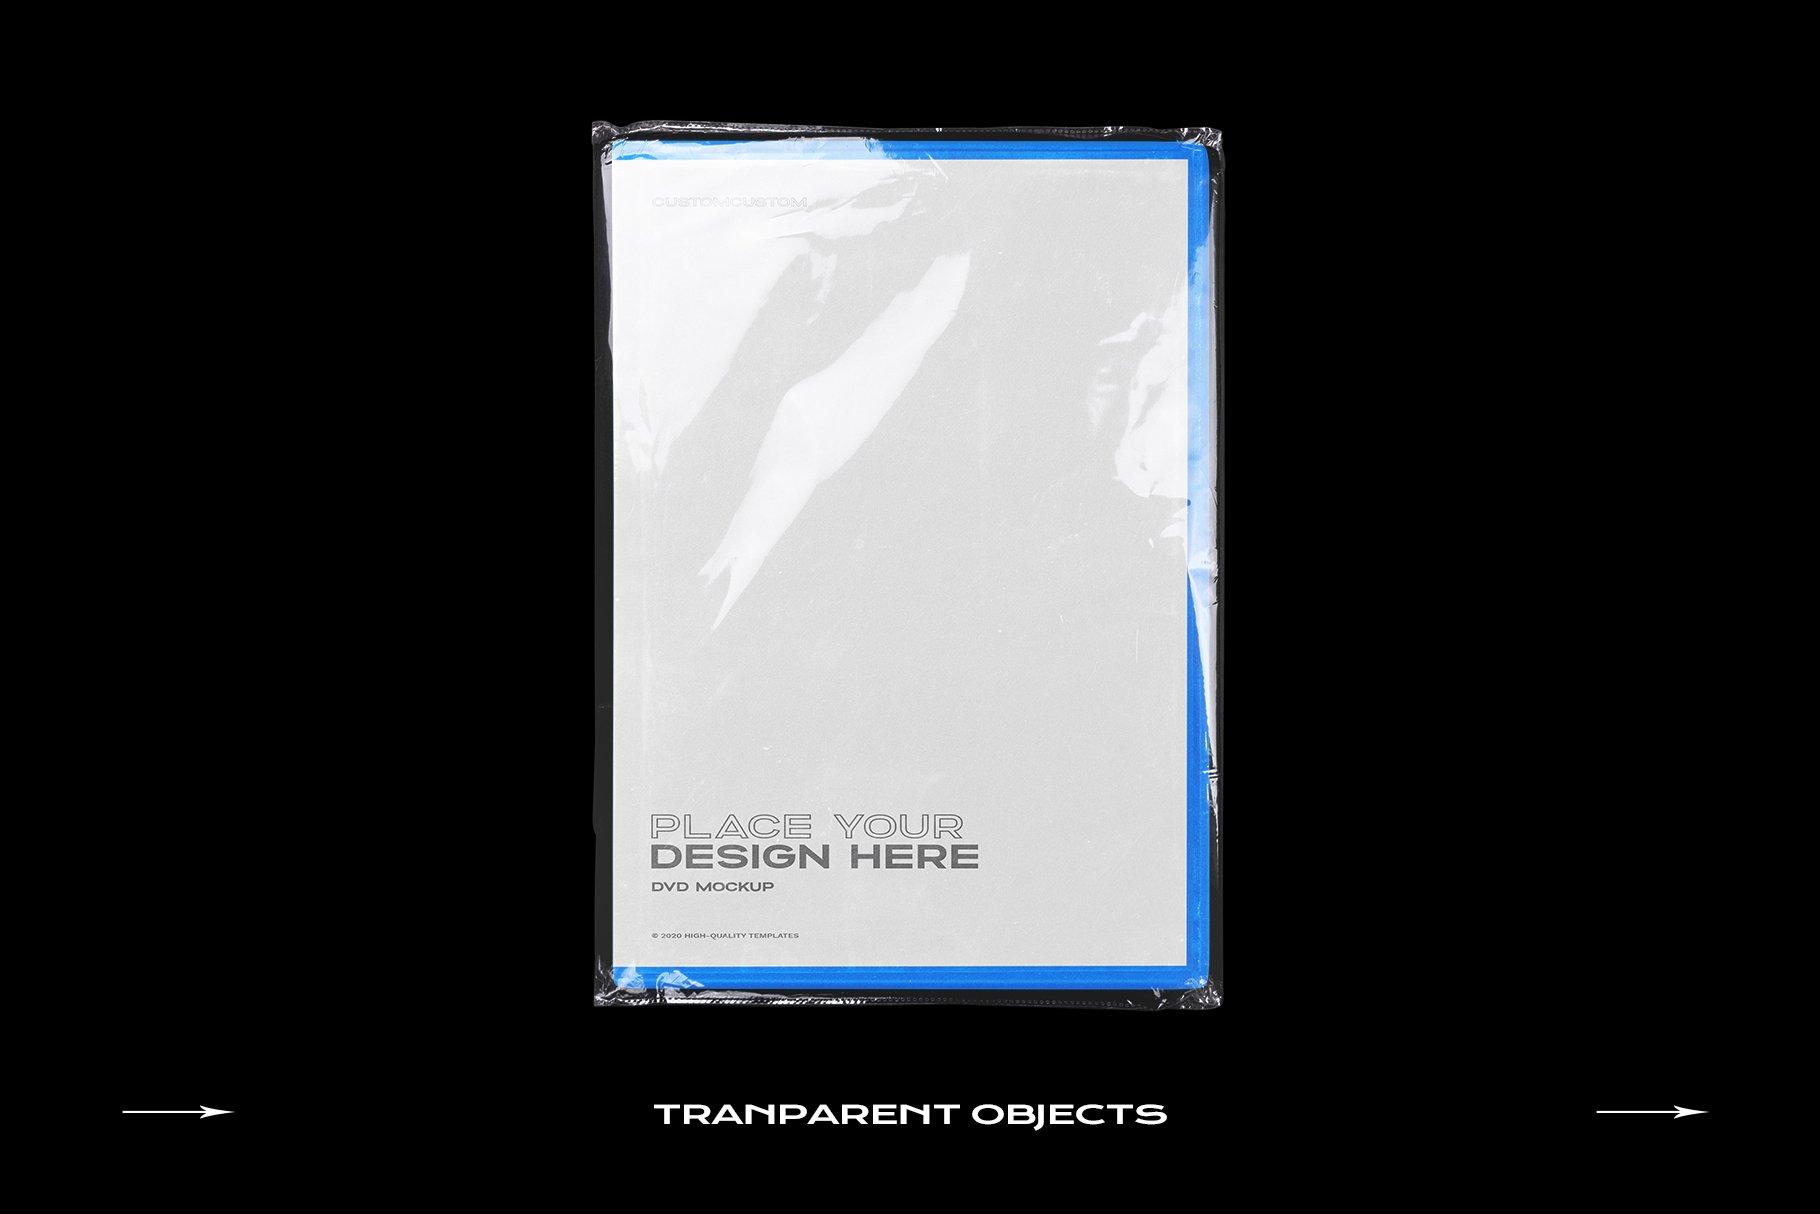 [淘宝购买] 60个DVD光盘包装盒塑料袋塑料膜贴纸样机PS设计素材 DVD Case Mockup Template Bundle Disc插图(4)